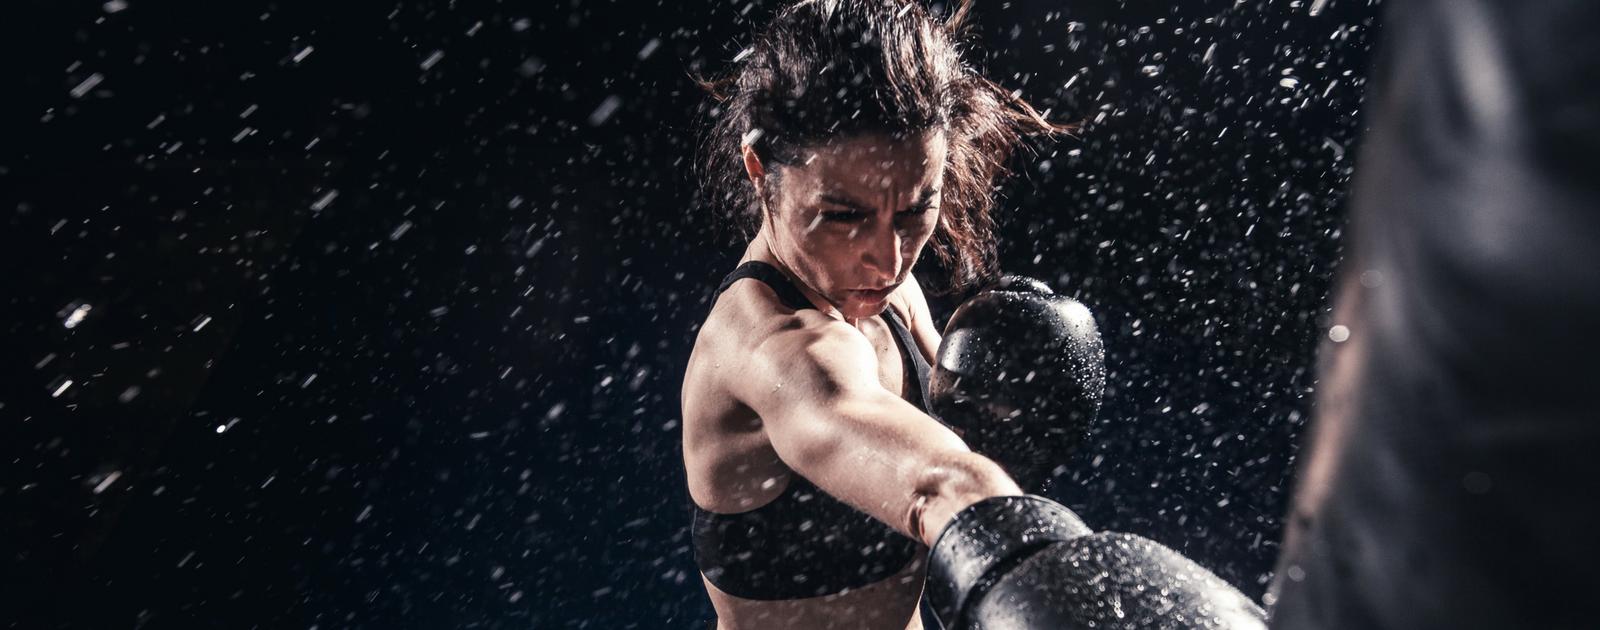 Débat Causette – Les femmes et les sports de combat … ça pique!